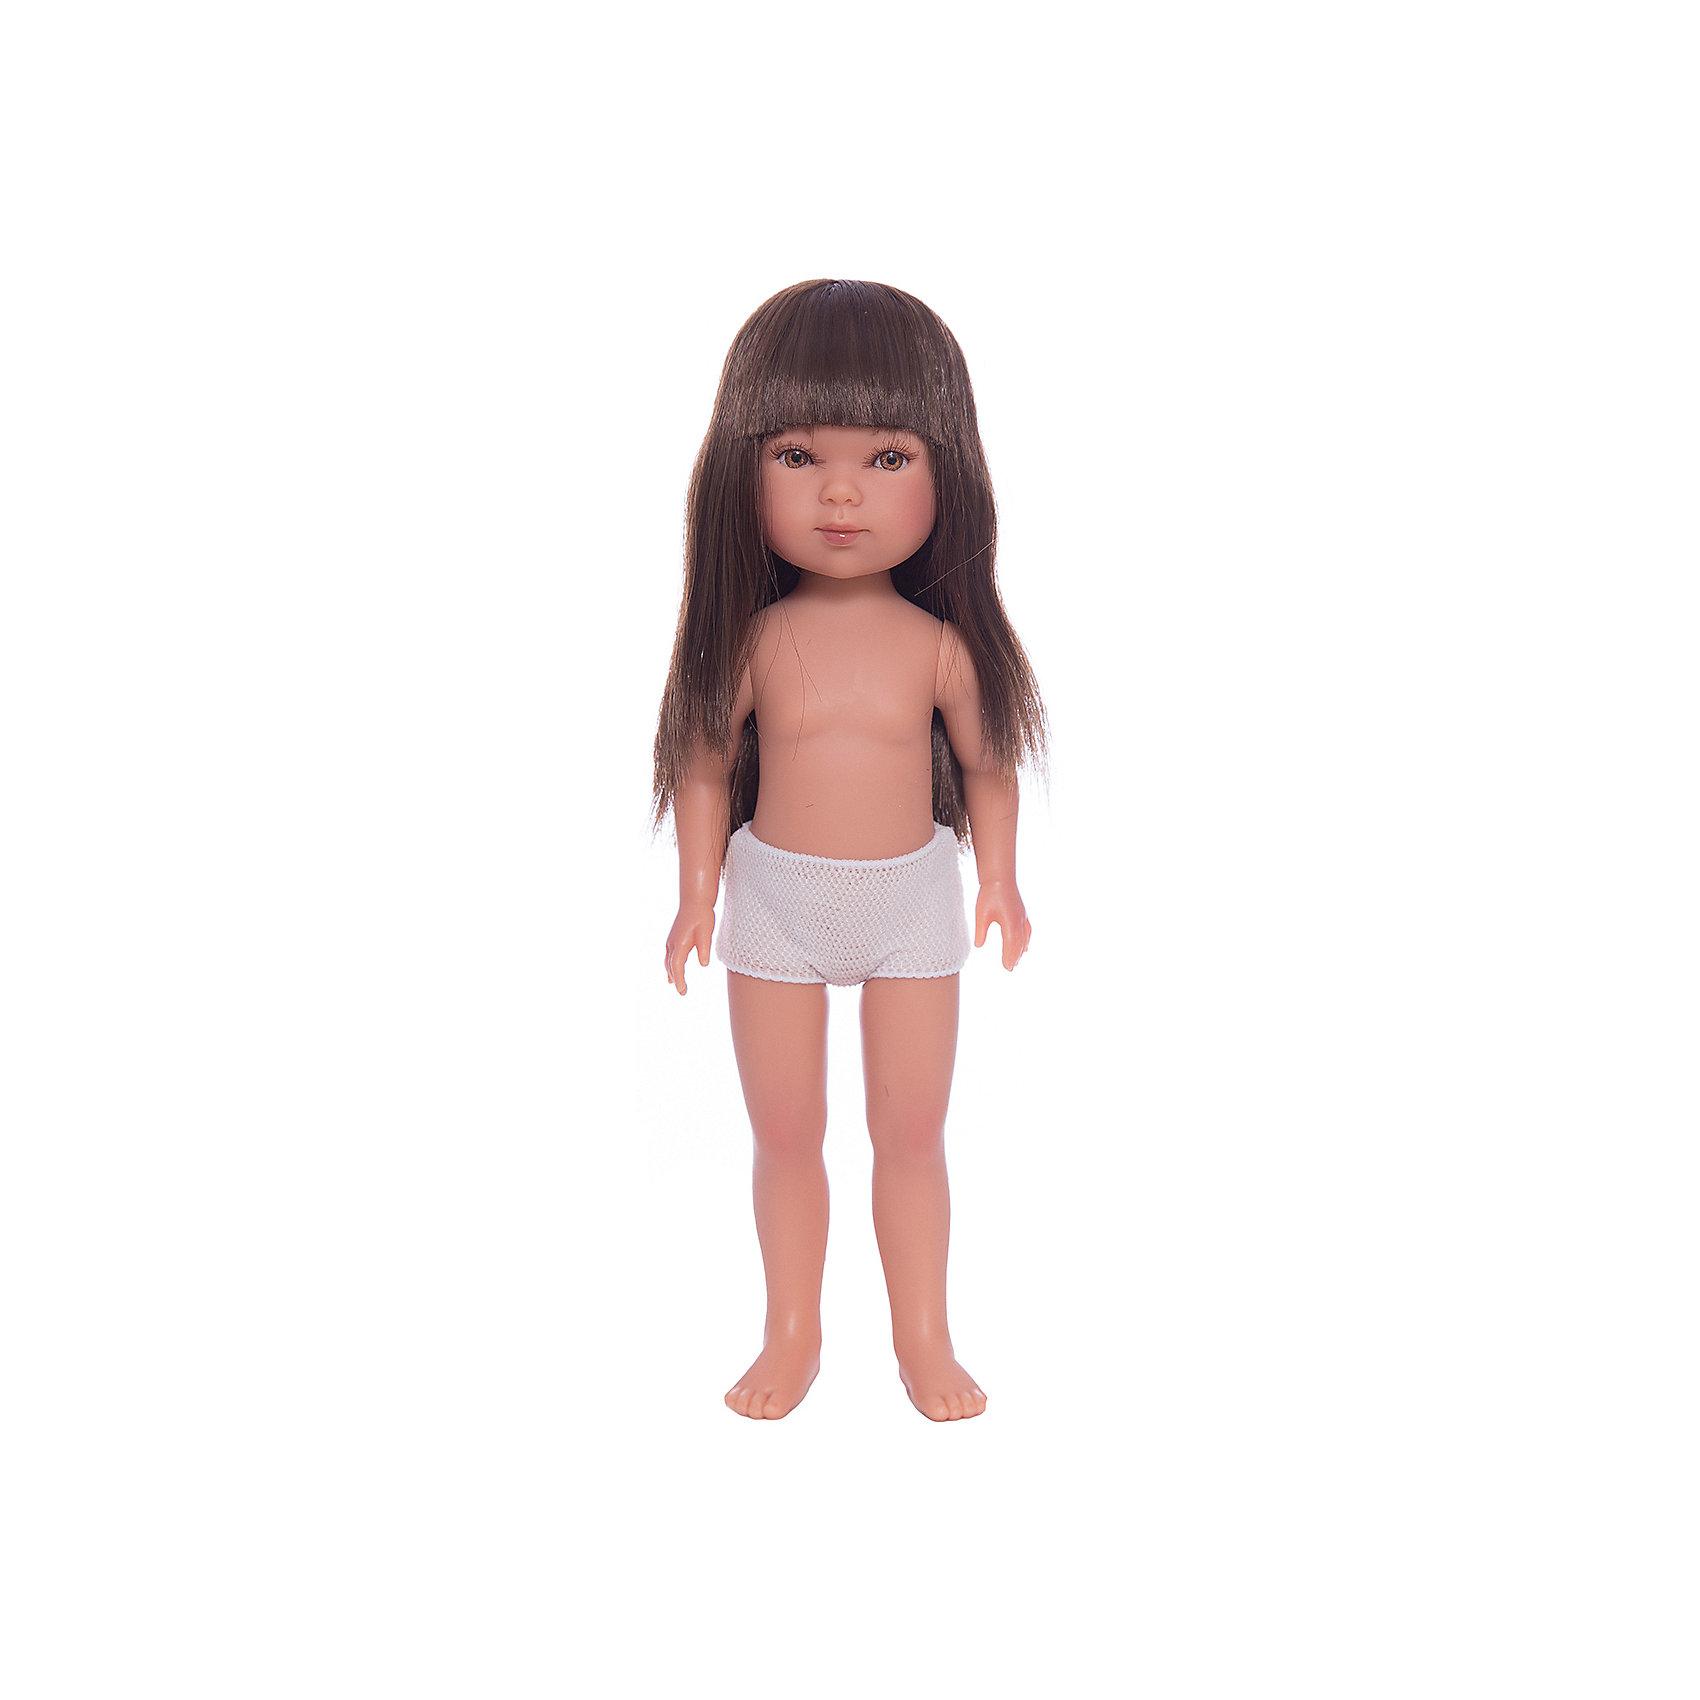 Кукла Карлотта, брюнетка с челкой, Vestida de AzulКлассические куклы<br>1. Придумай индивидуальный образ для базовой куклы Карлотты.<br>2. Длинные темные волосы куклы густо прошиты и напоминают натуральные. Челка прошита отдельно, а значит всегда будет красиво уложенной.  <br>3. От милого личика Карлотты невозможно оторвать глаз: пухлые щечки с румянцем и прекрасные карие глазки с проклеенными вручную ресницами, похожими на настоящие. <br>4. Глаза выделены тоненькой линией подводки, что делает взгляд куклы «живым».<br>5. Великолепная детализация куклы: очень четко очерченные пальчики, складочки, румянец на щечках, коленках и локтях.<br>6. У куклы подвижные руки, ноги и голова, а значит кукле можно придавать различные позы, что сделает игру более реалистичным.<br>7. Кукла изготовлена из плотного гипоаллергенного винила без ароматизаторов и умеет стоять без поддержки в обуви и без нее.<br>8. Рост куклы 28 см.<br><br>Ширина мм: 350<br>Глубина мм: 120<br>Высота мм: 80<br>Вес г: 380<br>Возраст от месяцев: 36<br>Возраст до месяцев: 2147483647<br>Пол: Женский<br>Возраст: Детский<br>SKU: 6844309